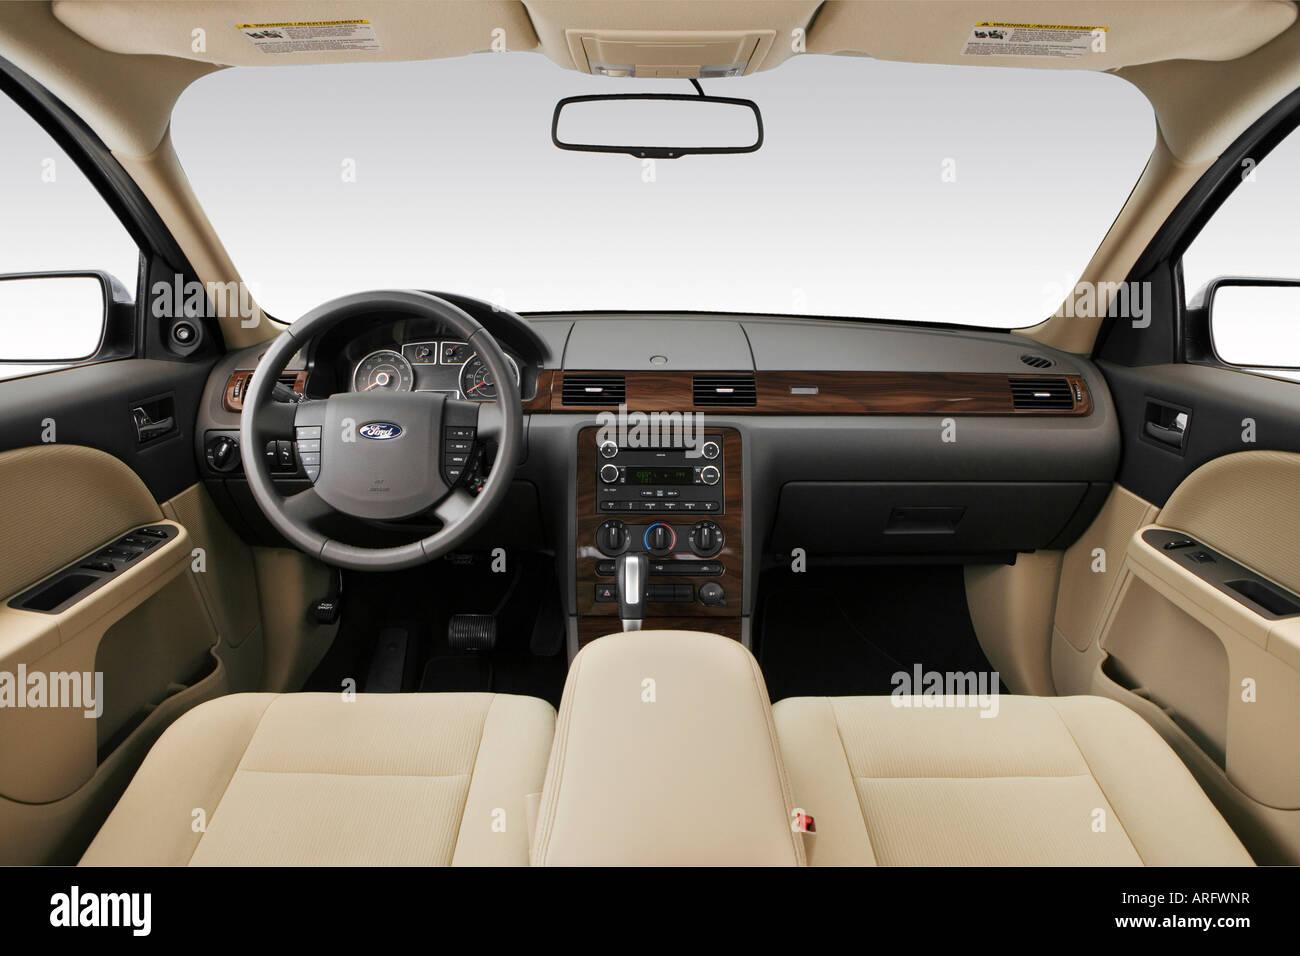 https://c8.alamy.com/comp/ARFWNR/2008-ford-taurus-sel-in-blue-dashboard-center-console-gear-shifter-ARFWNR.jpg